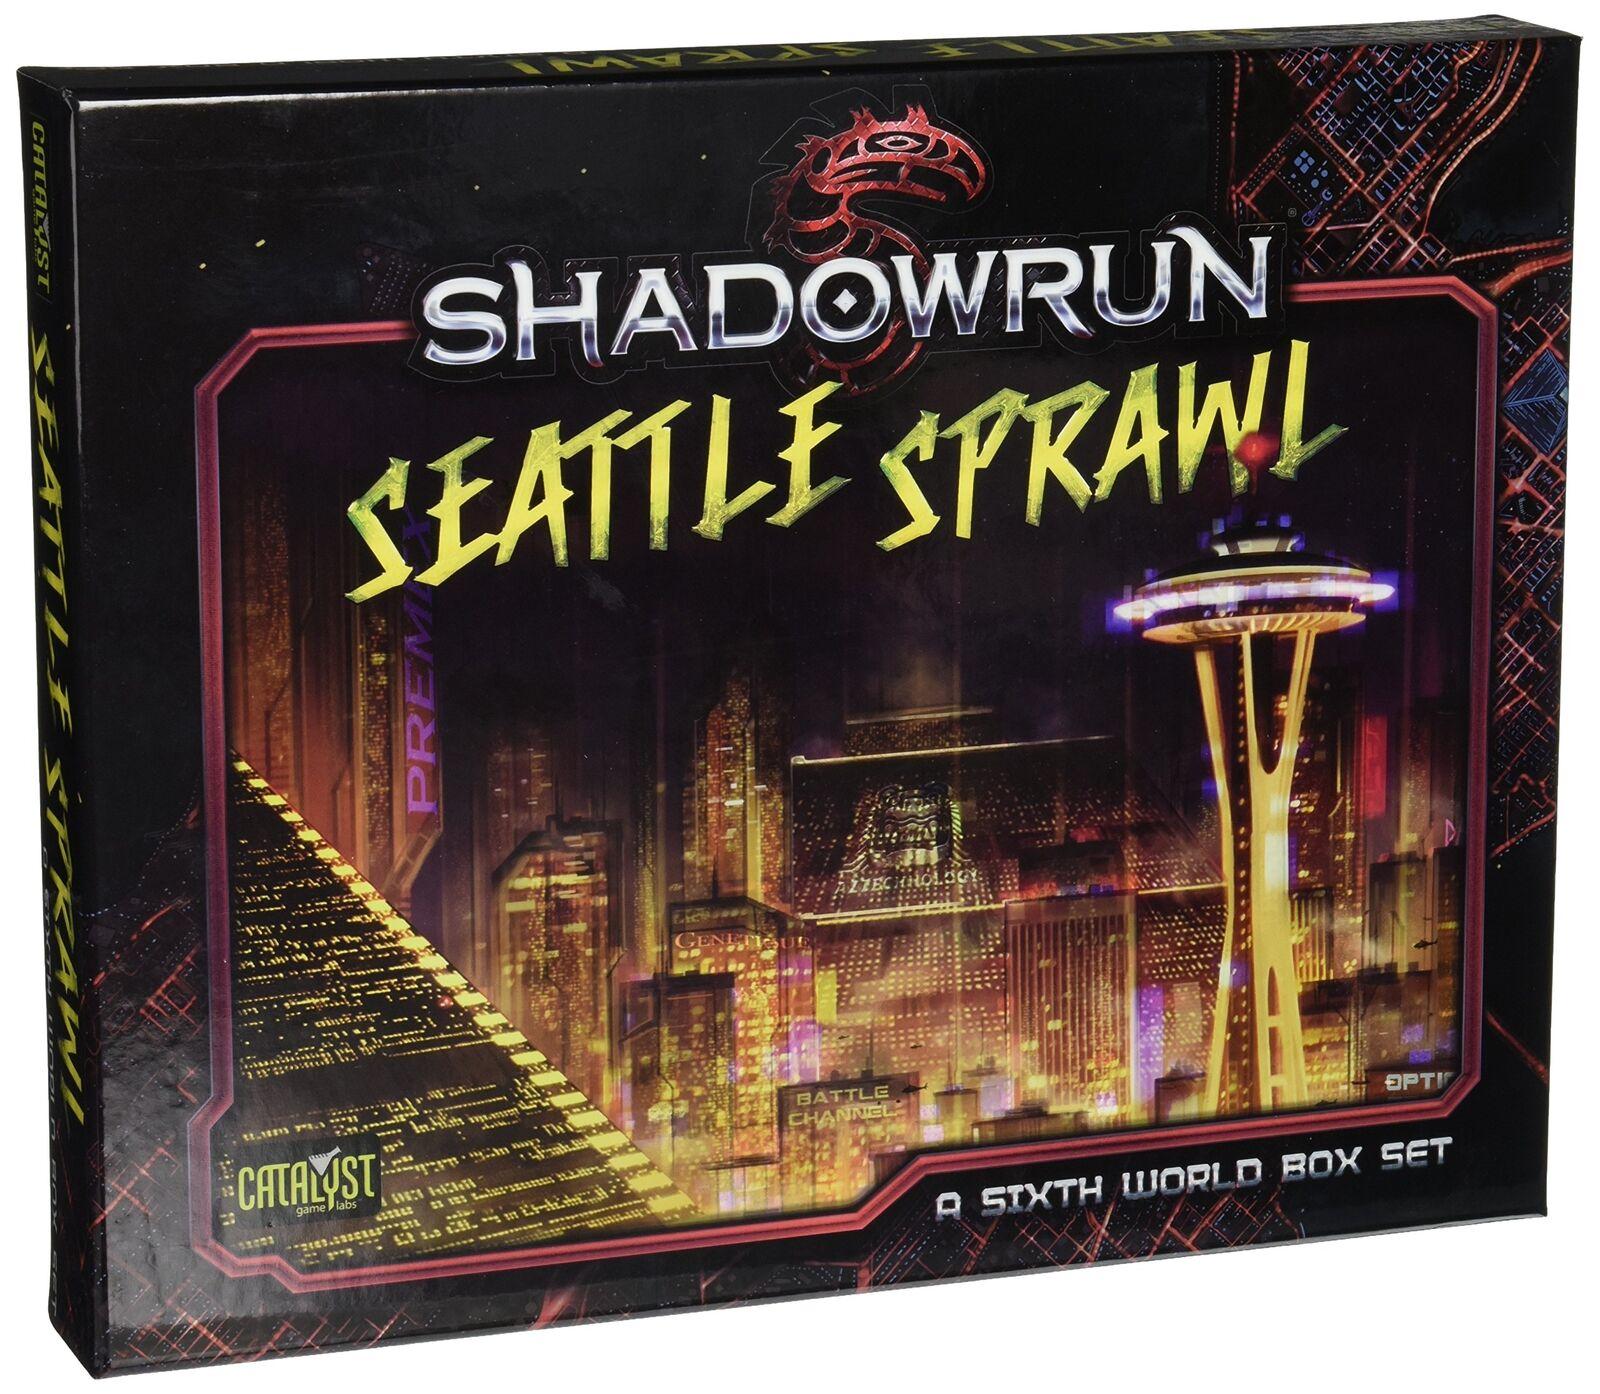 Shadowrun  Seattle Sprawl Sprawl Sprawl Box Set PSI CAT27110 Brand New cbb506